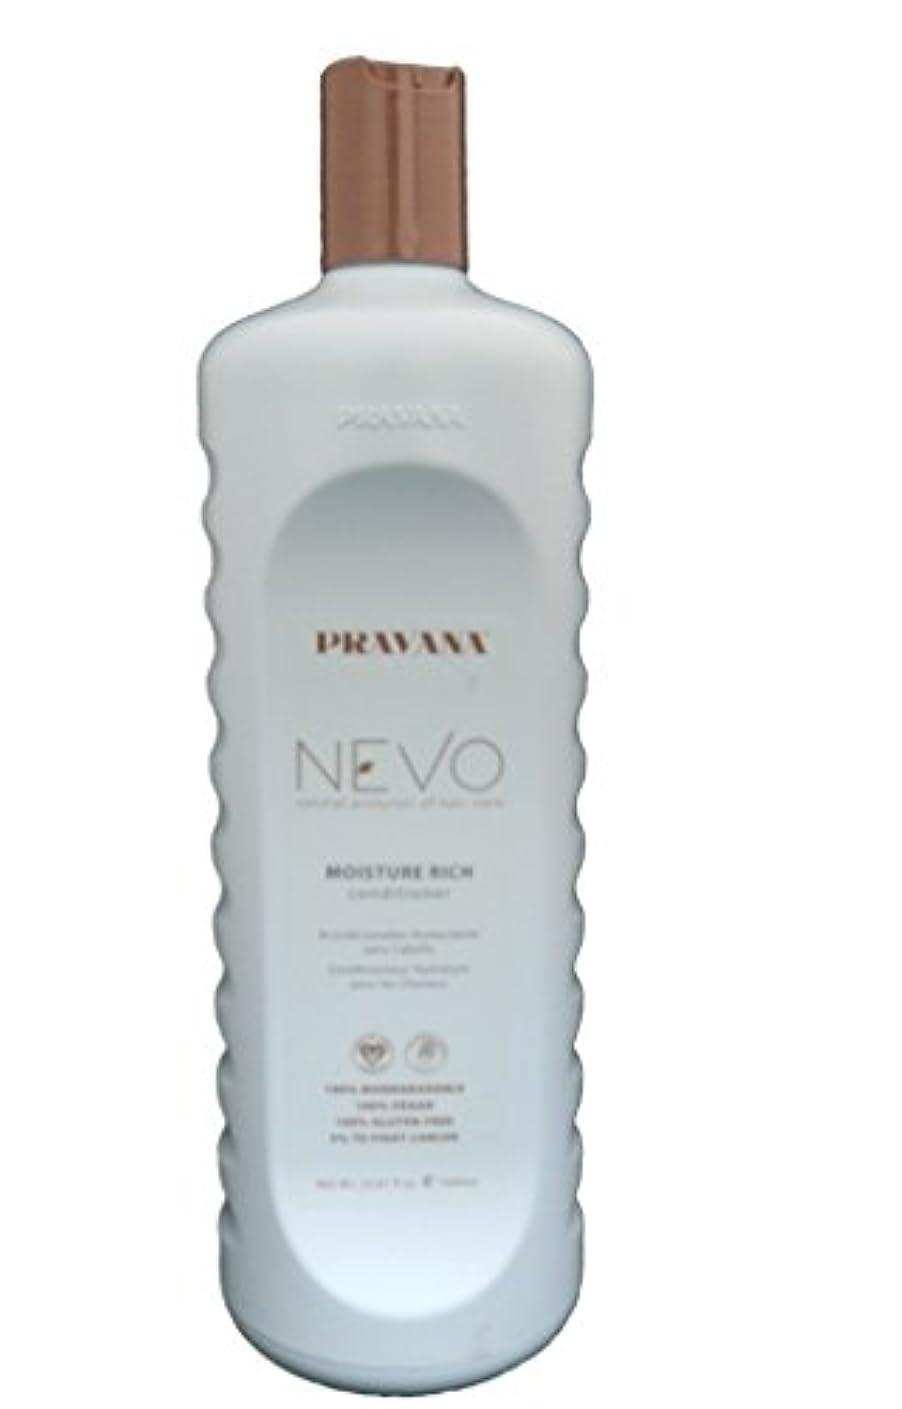 周囲順応性のあるメダルPravana Nevo Moisture Rich Conditioner - 33.8 oz